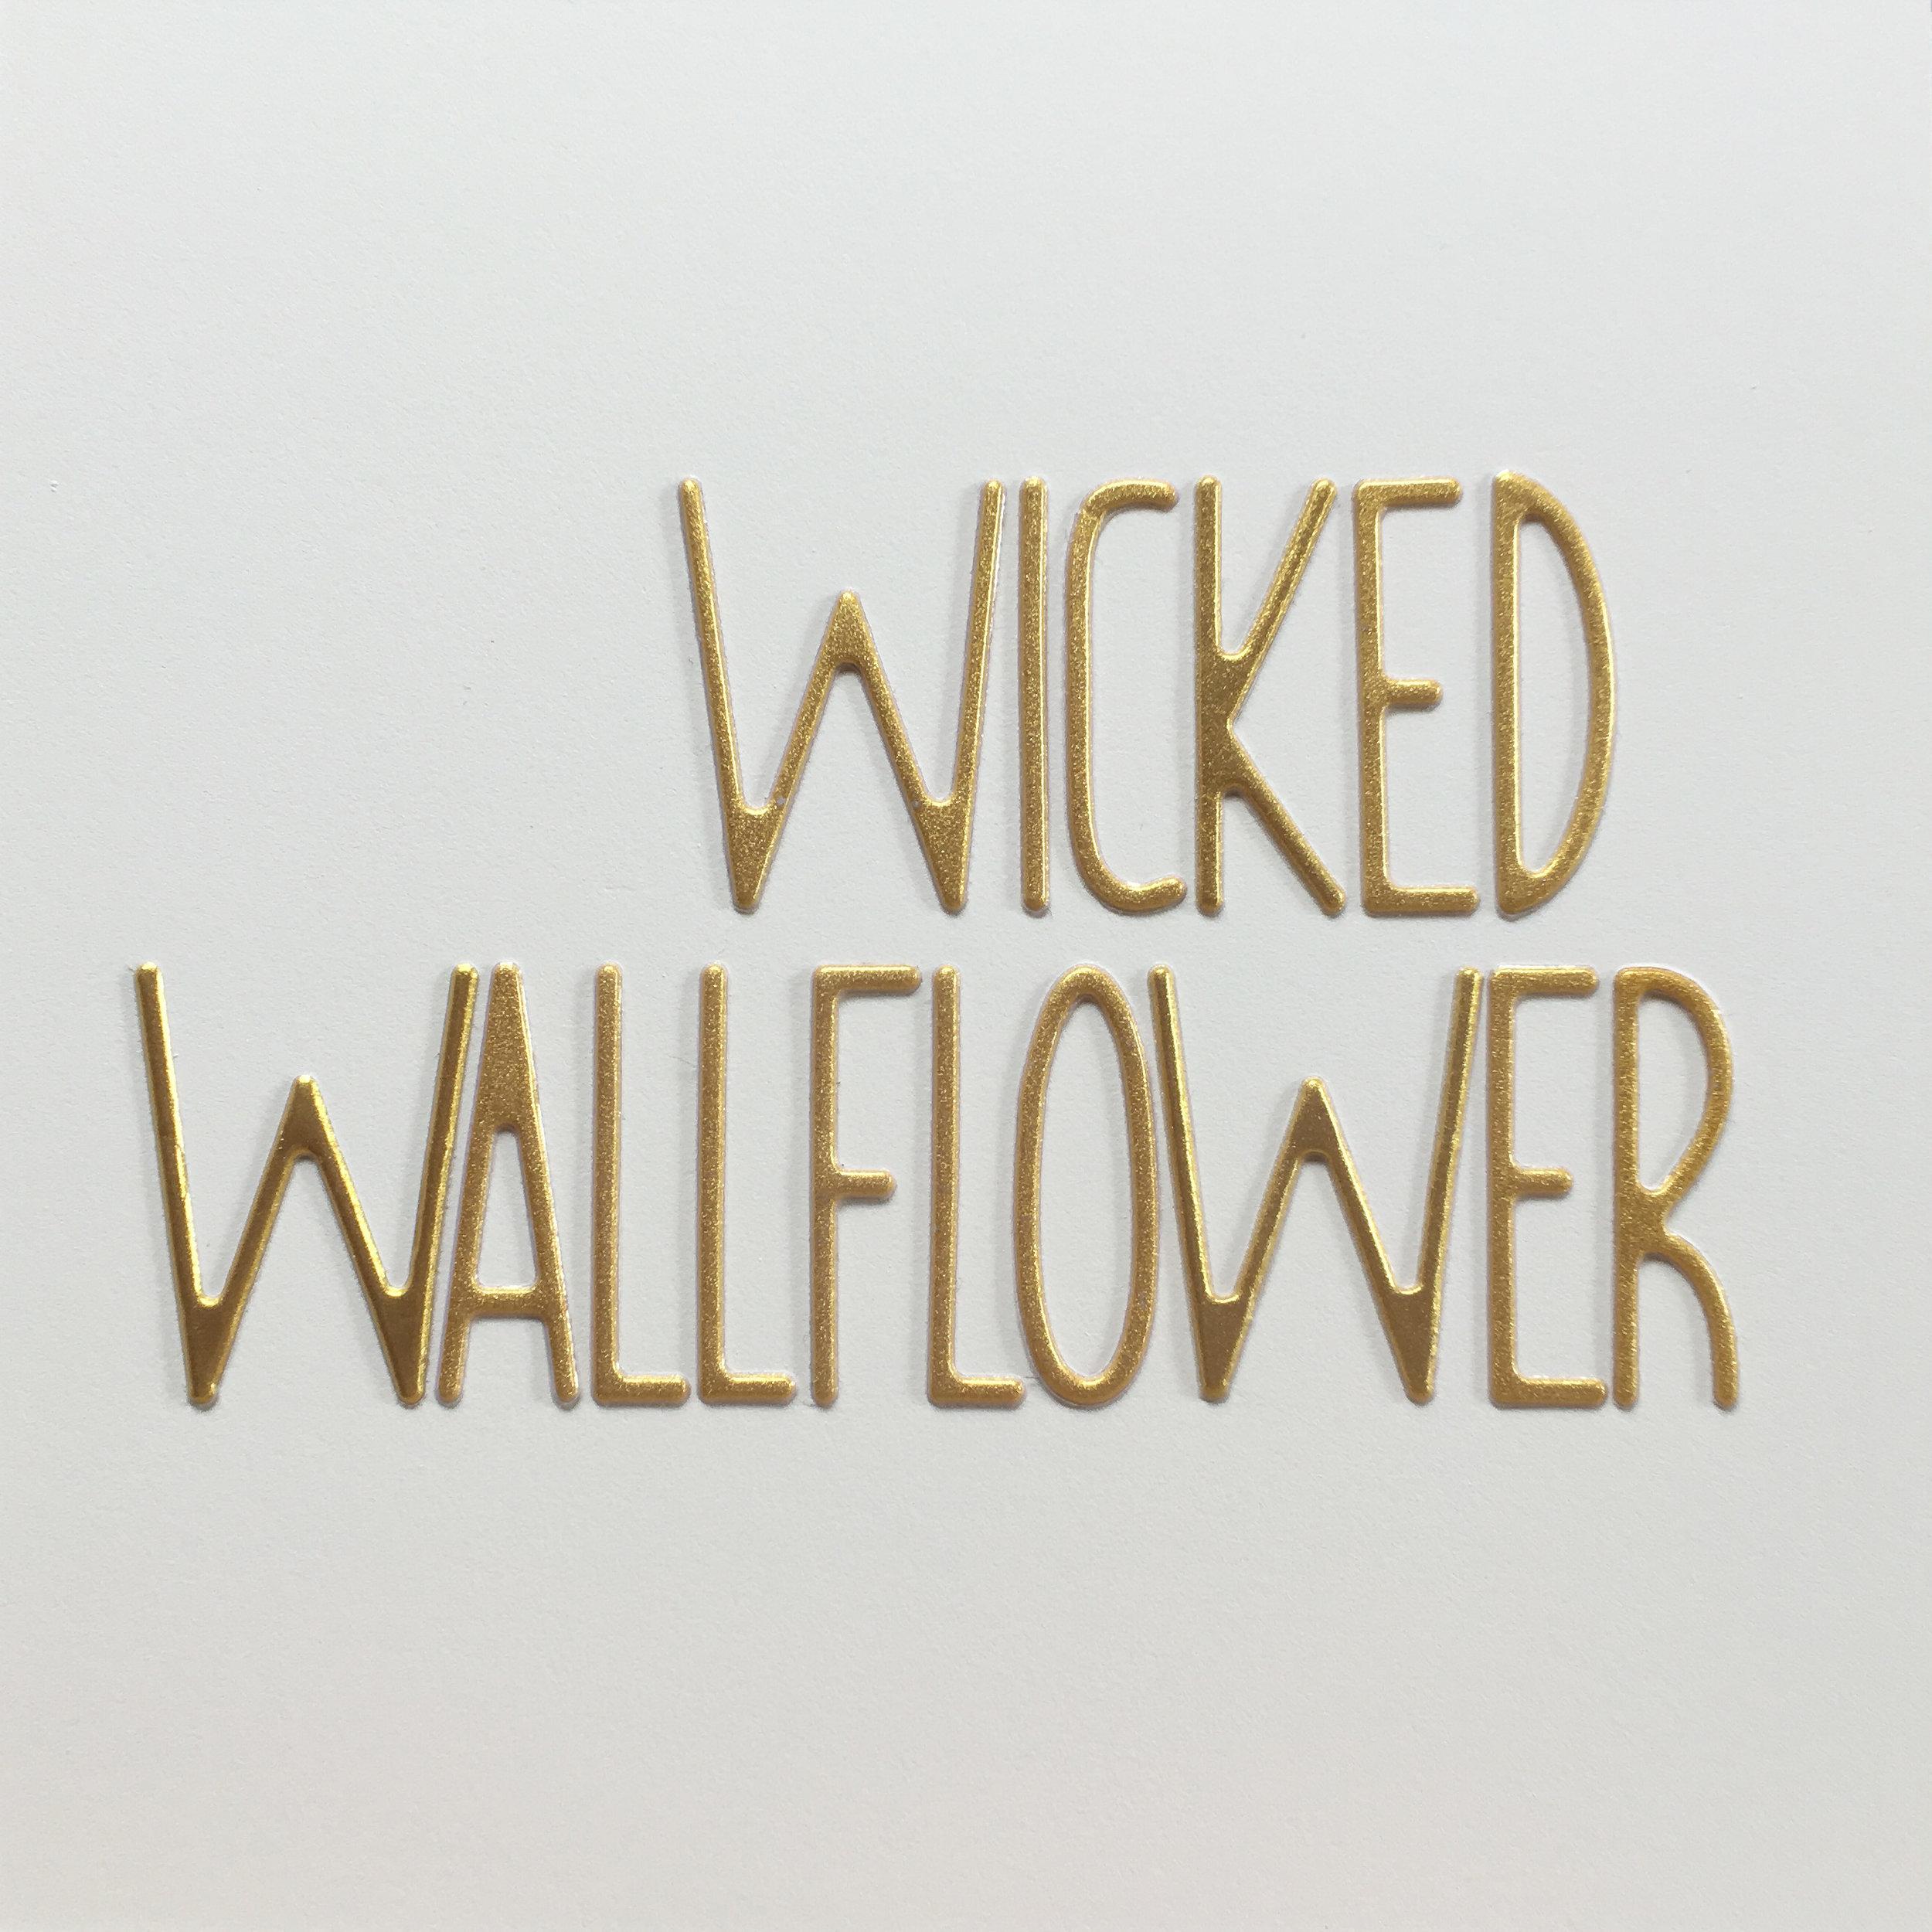 wicked wallflower.jpg